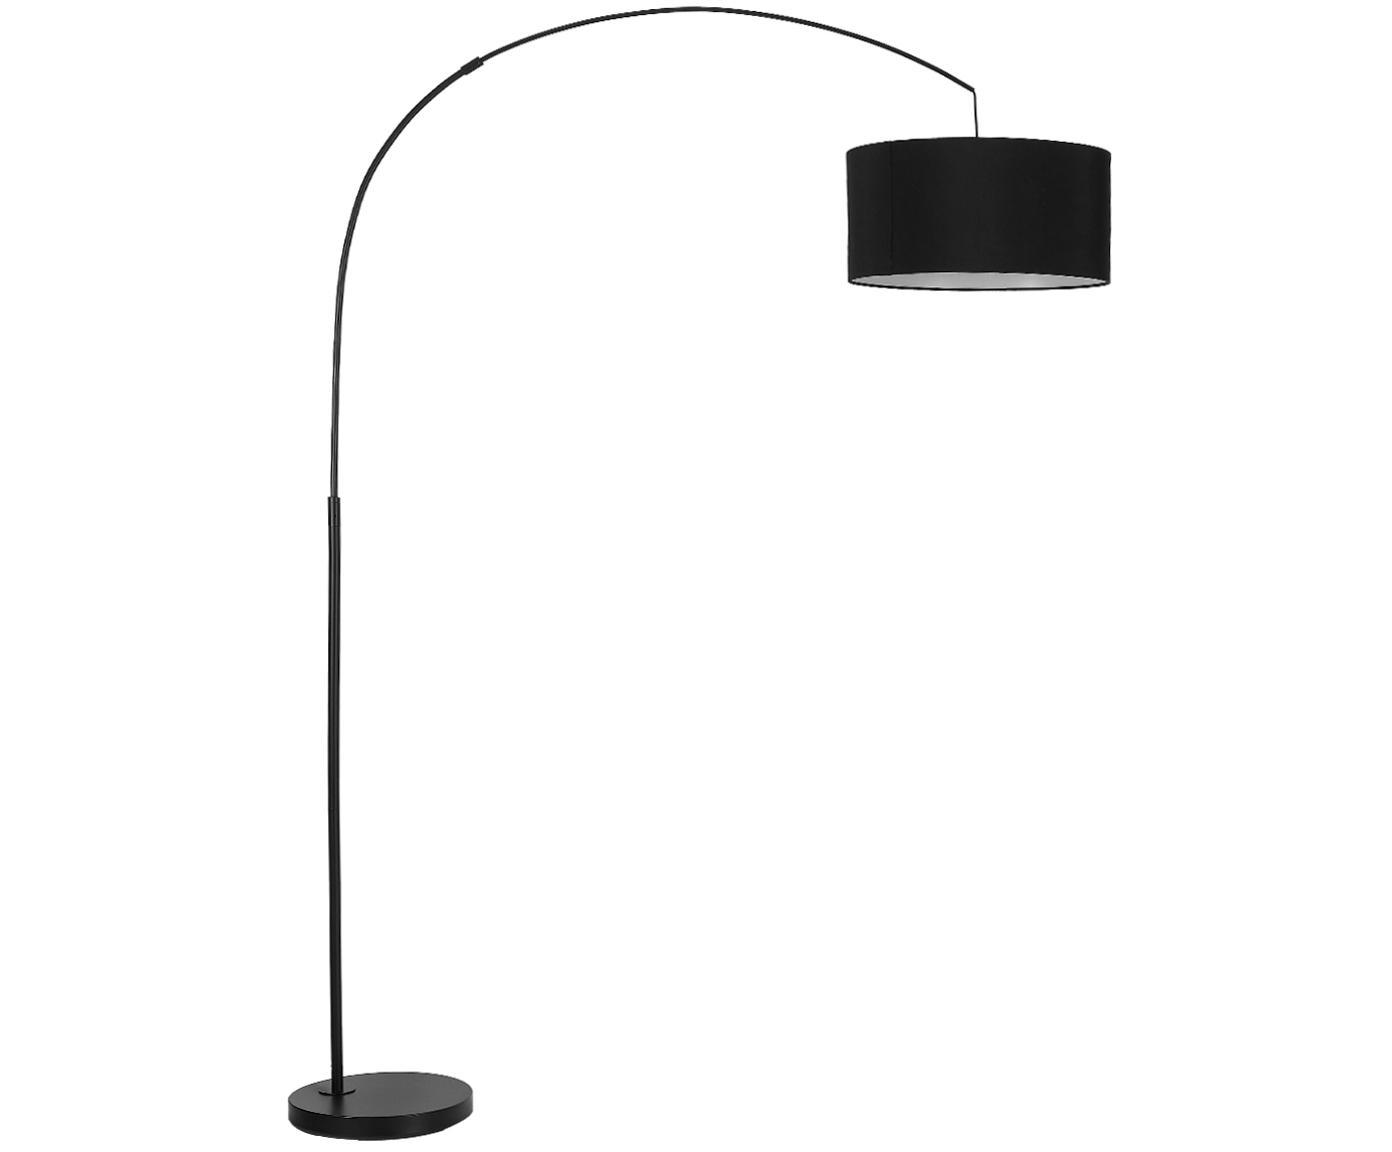 Lámpara arco Niels, Pantalla: mezcla de algodón, Cable: cubierto en tela, Negro, An 157 x Al 218 cm